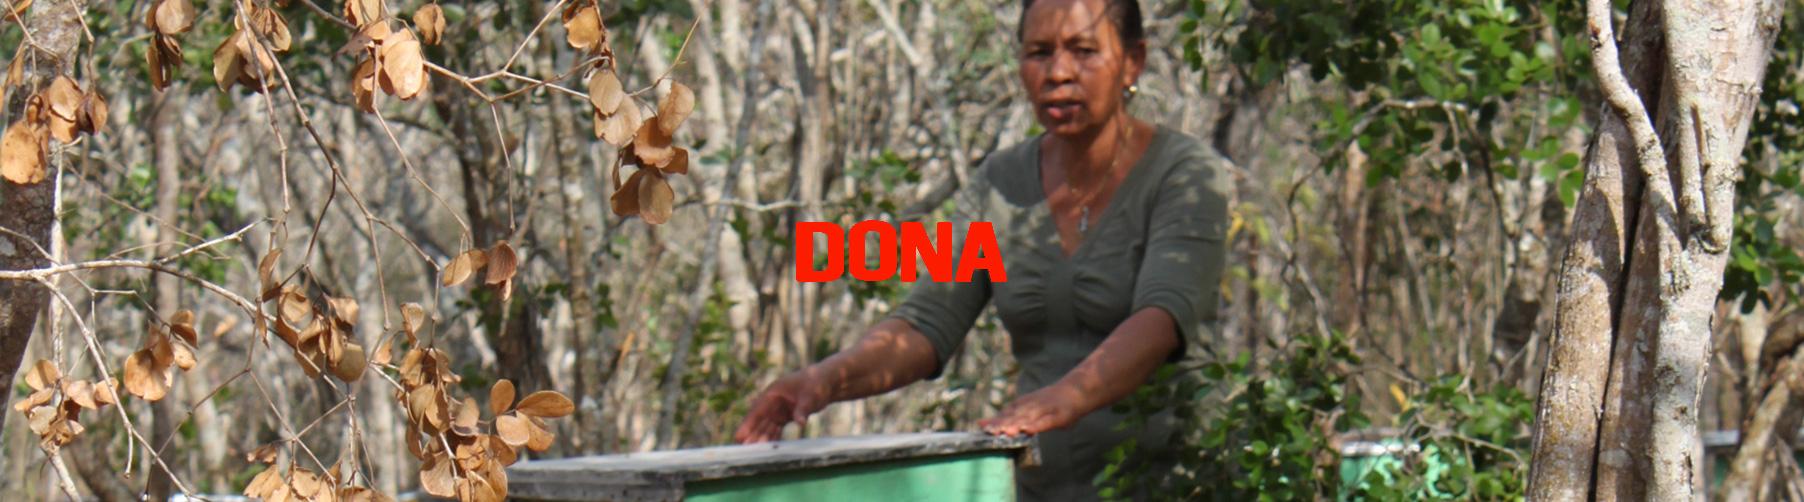 día del trabajo mujeres dona solidaridad cesal